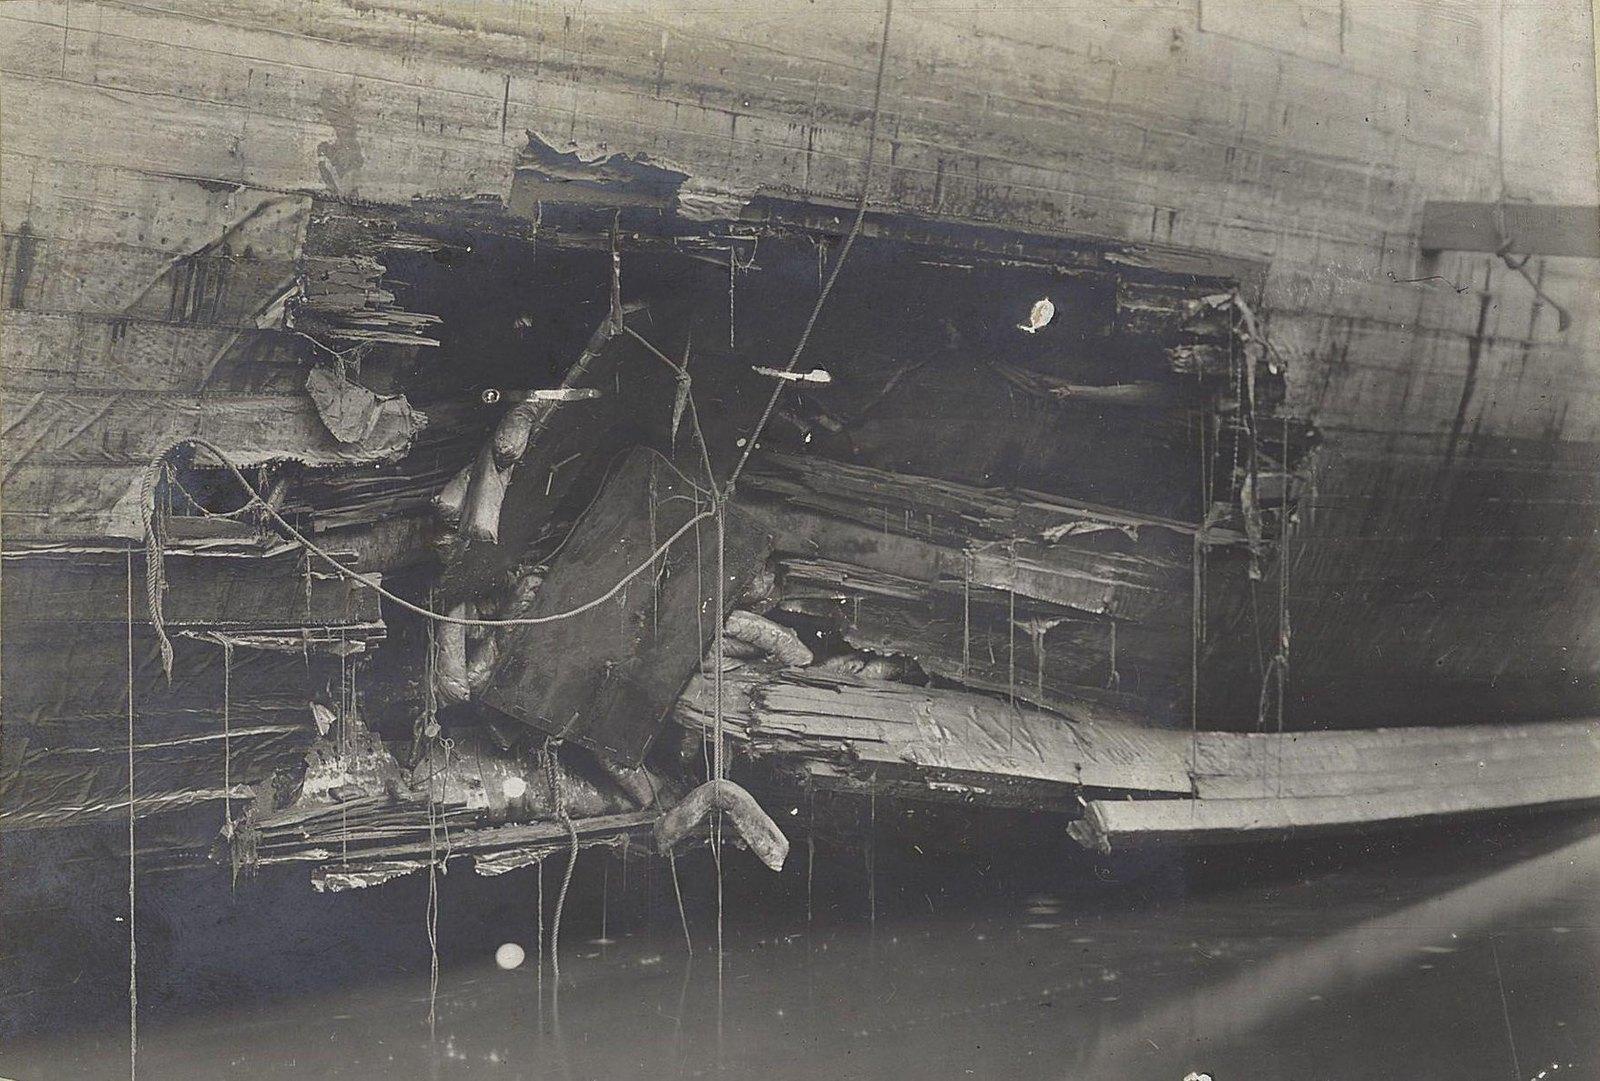 Боевое повреждение борта корабля.